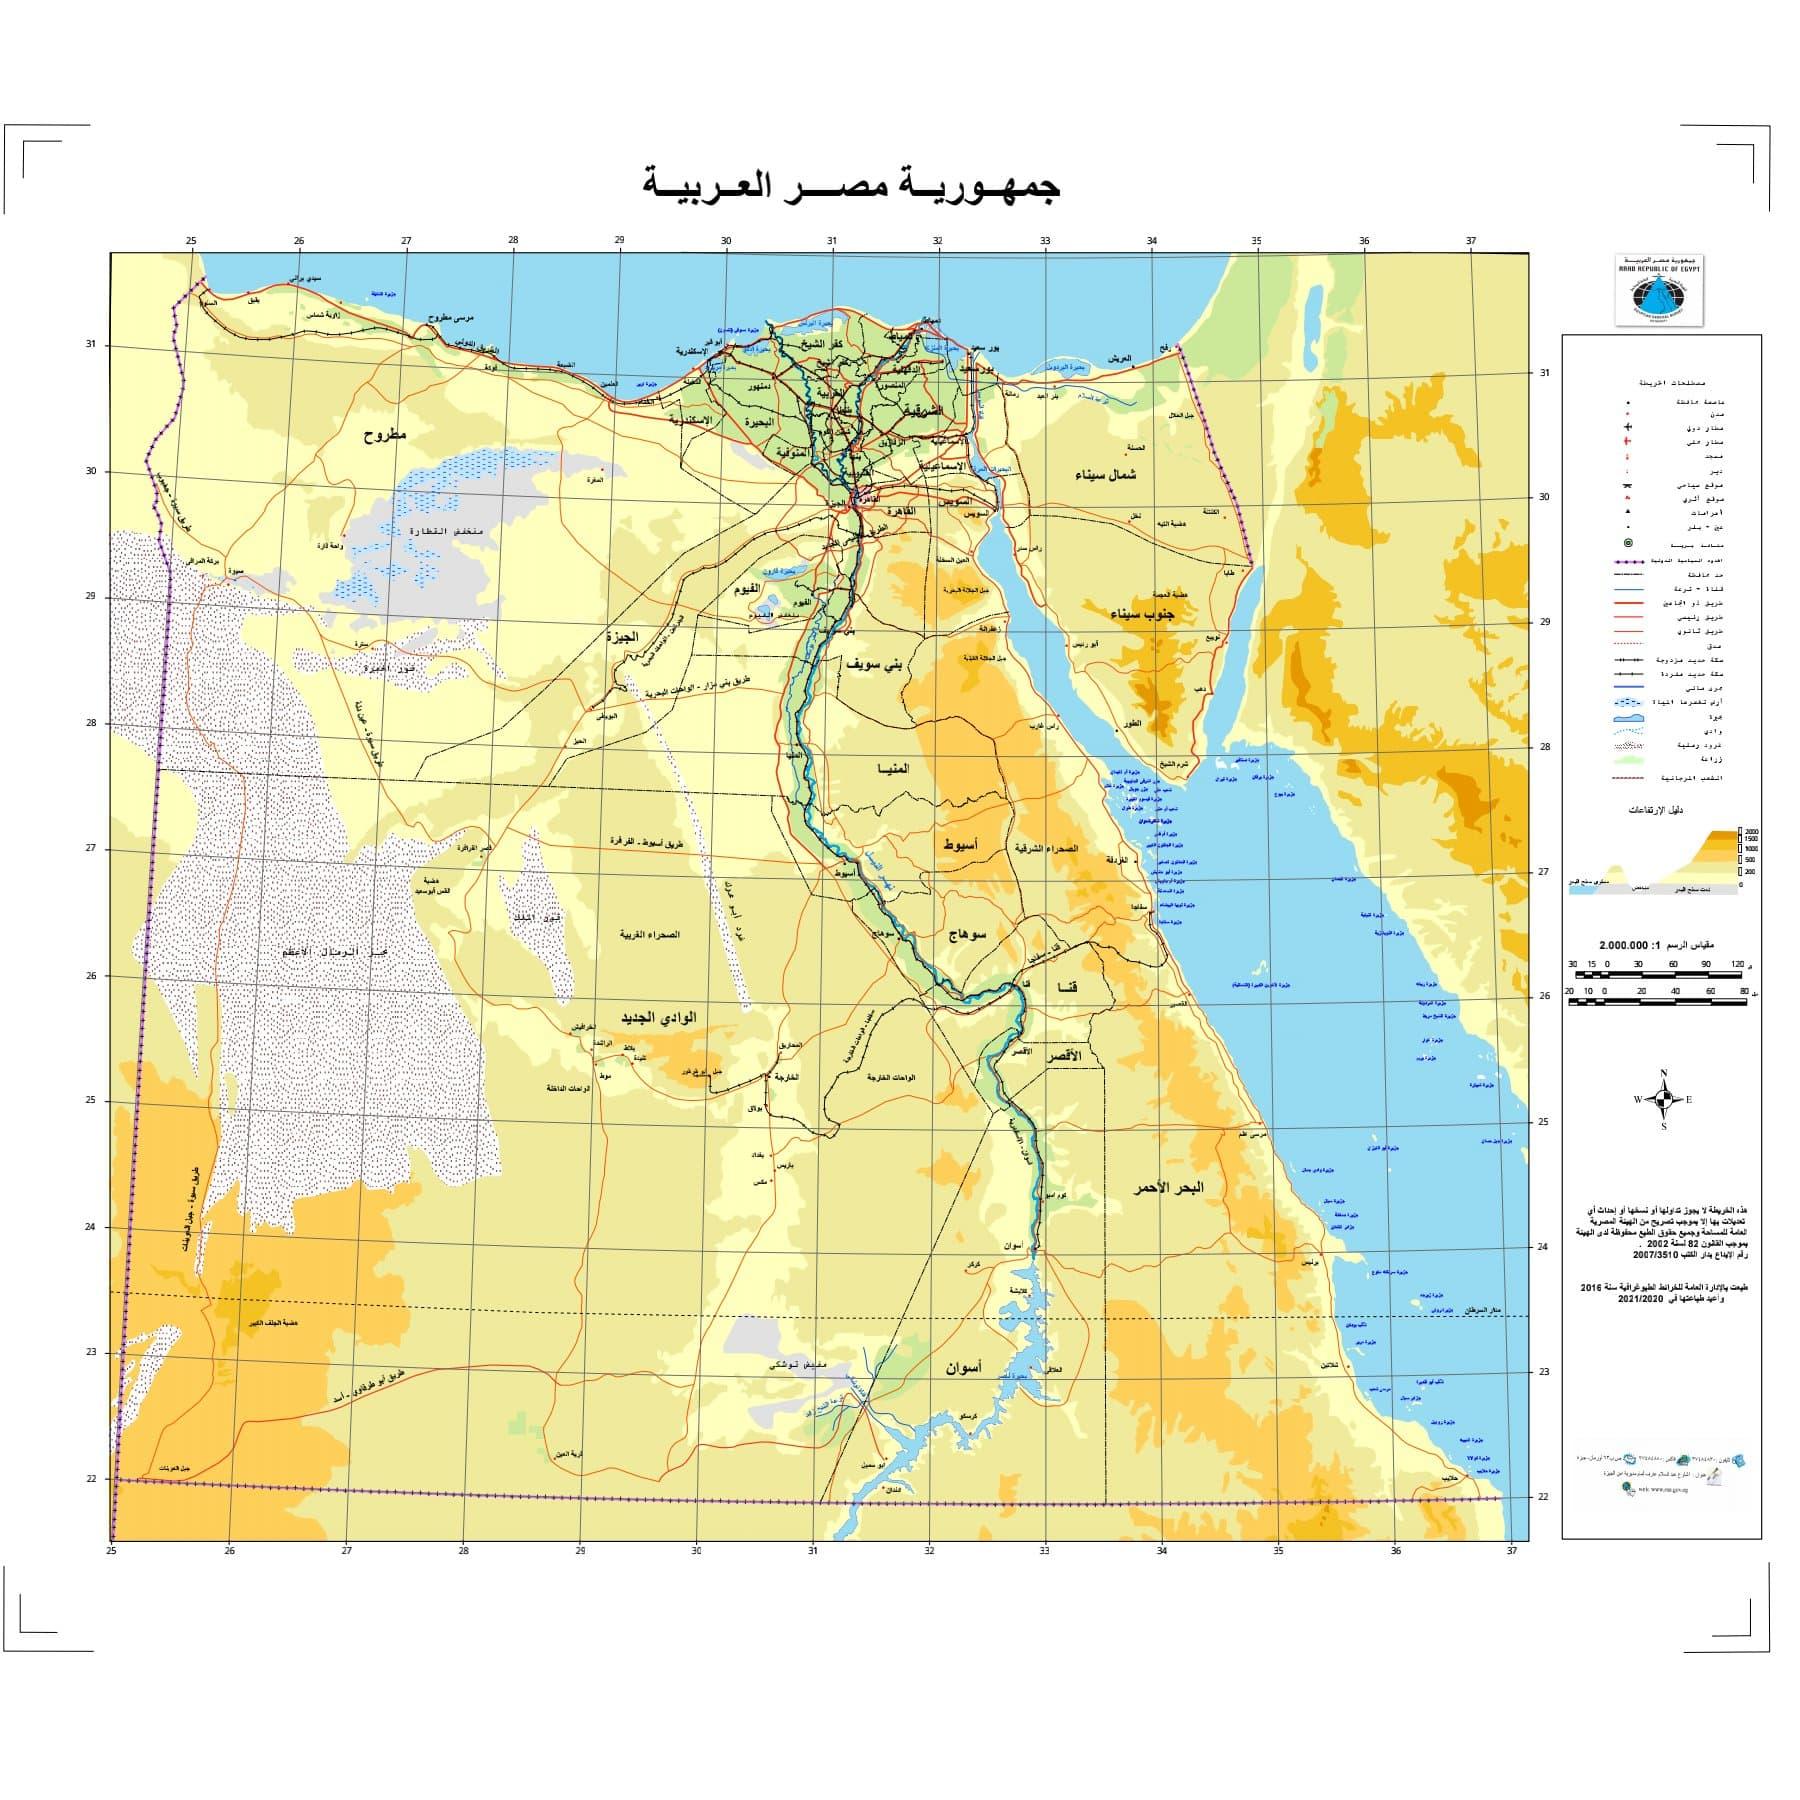 خريطة جمهورية مصر العربية